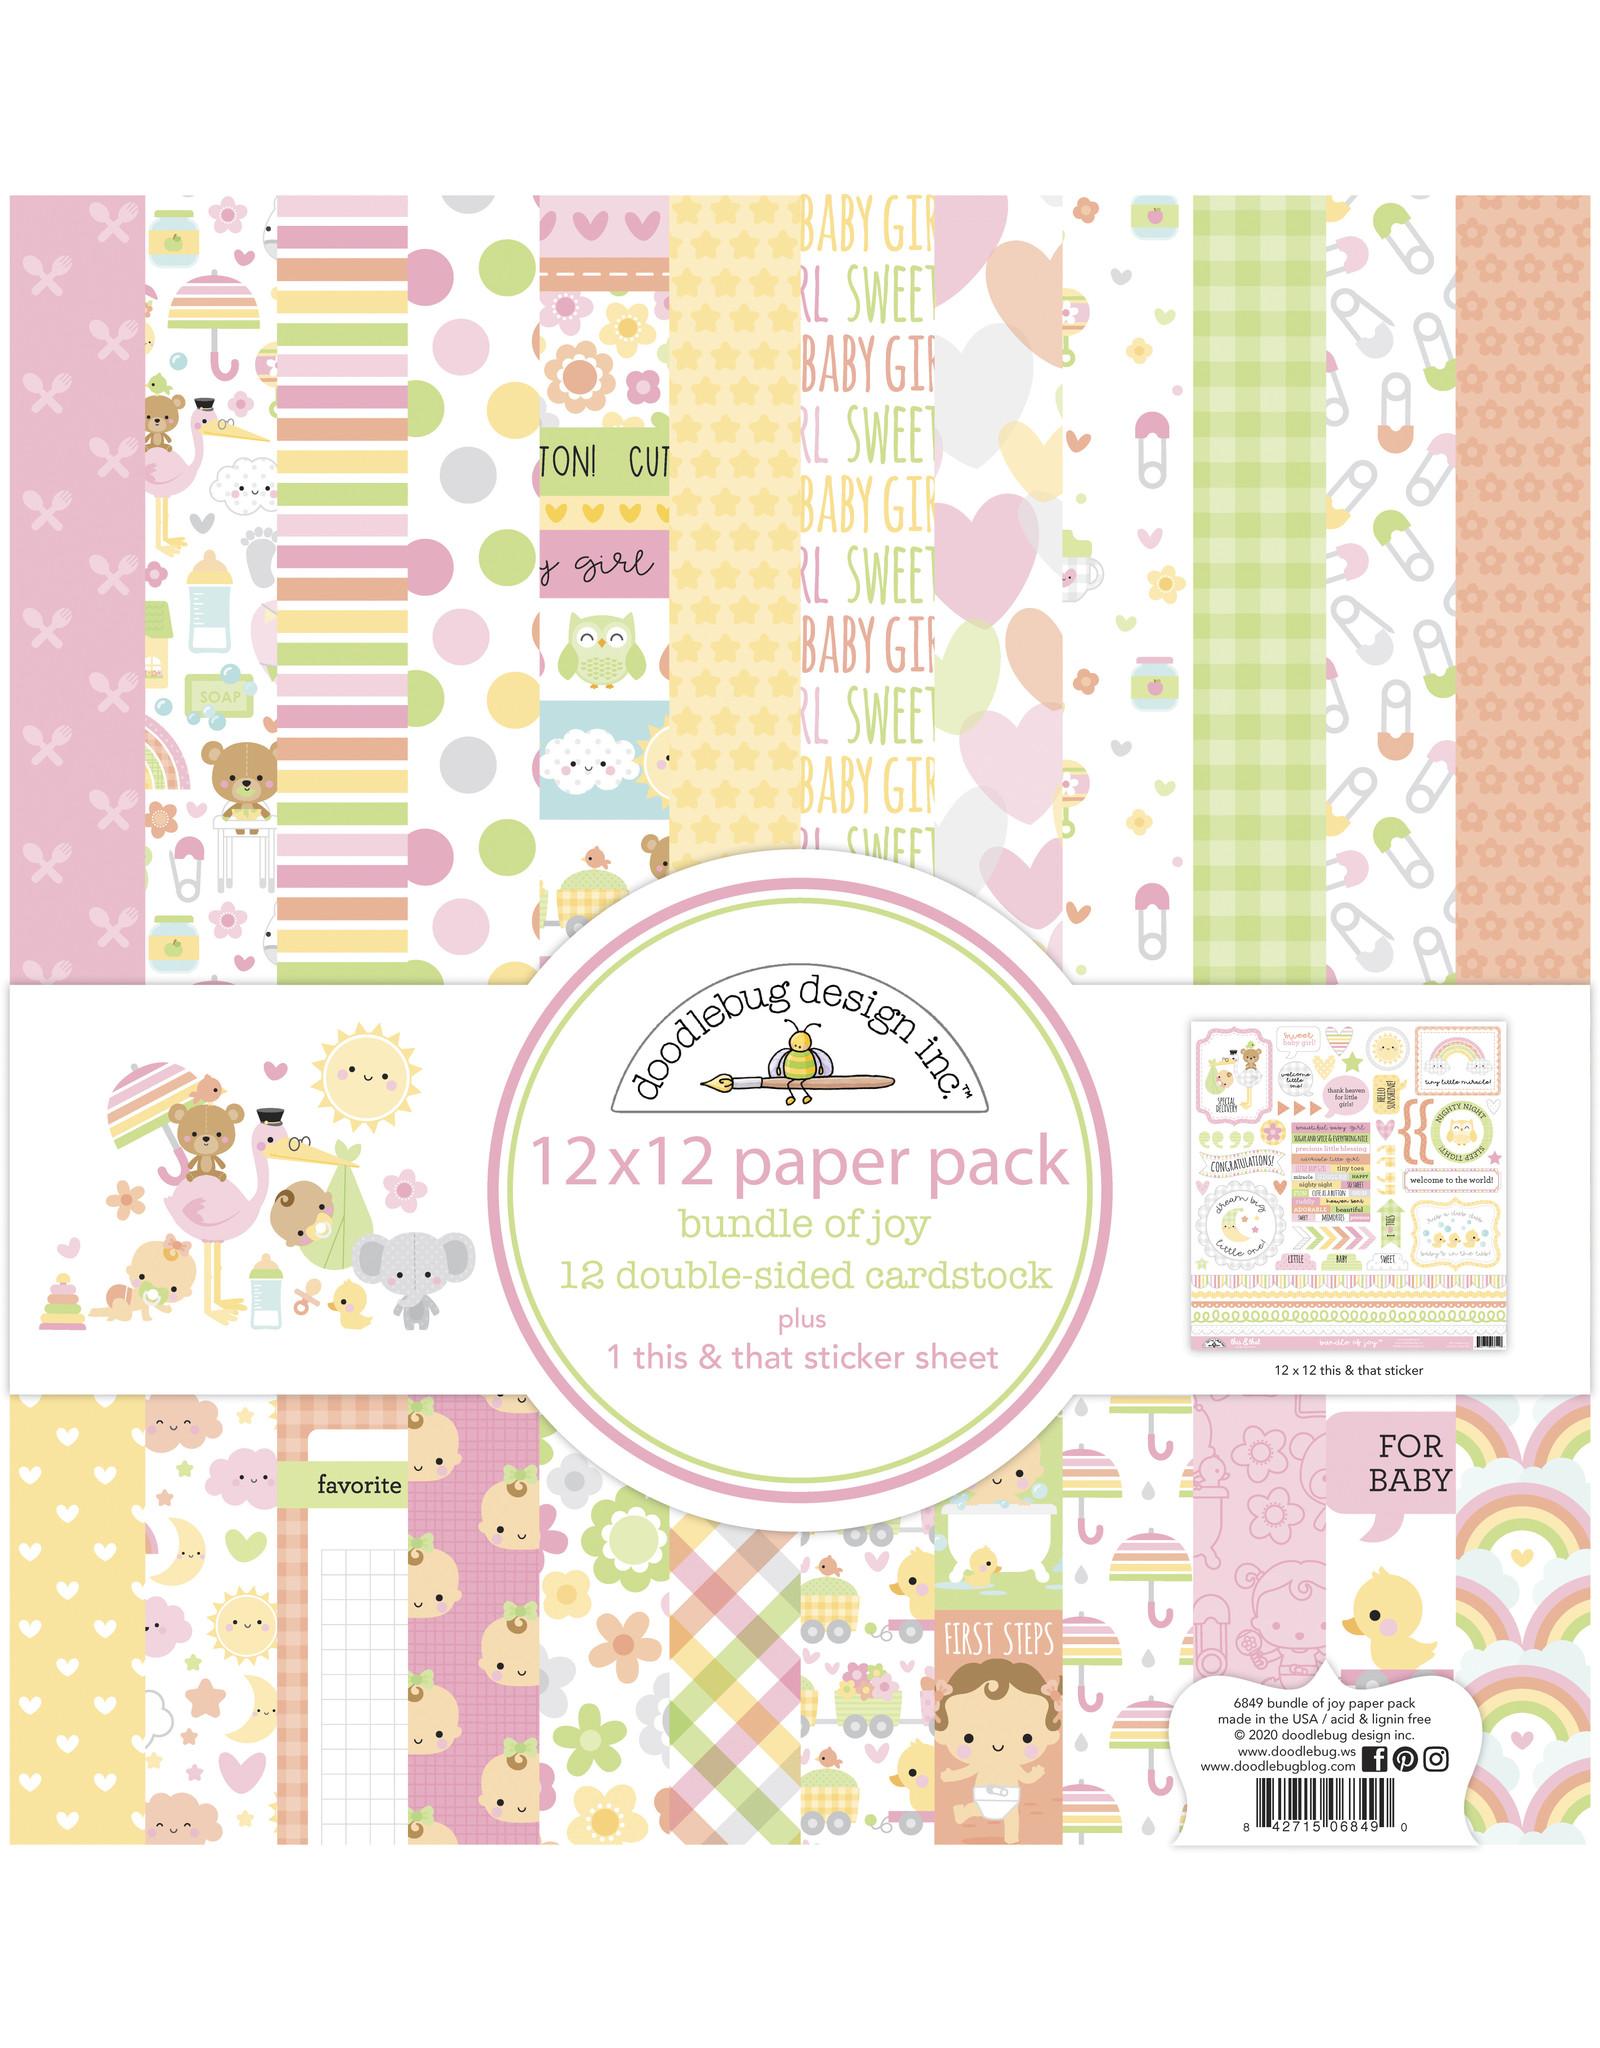 Doodlebug Design bundle of joy 12x12 paper pack